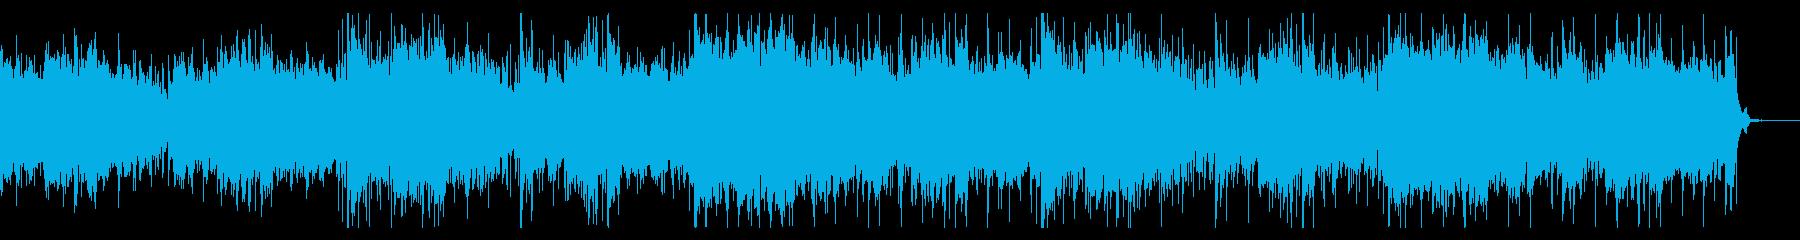 ダークで陰鬱なテクスチャの再生済みの波形